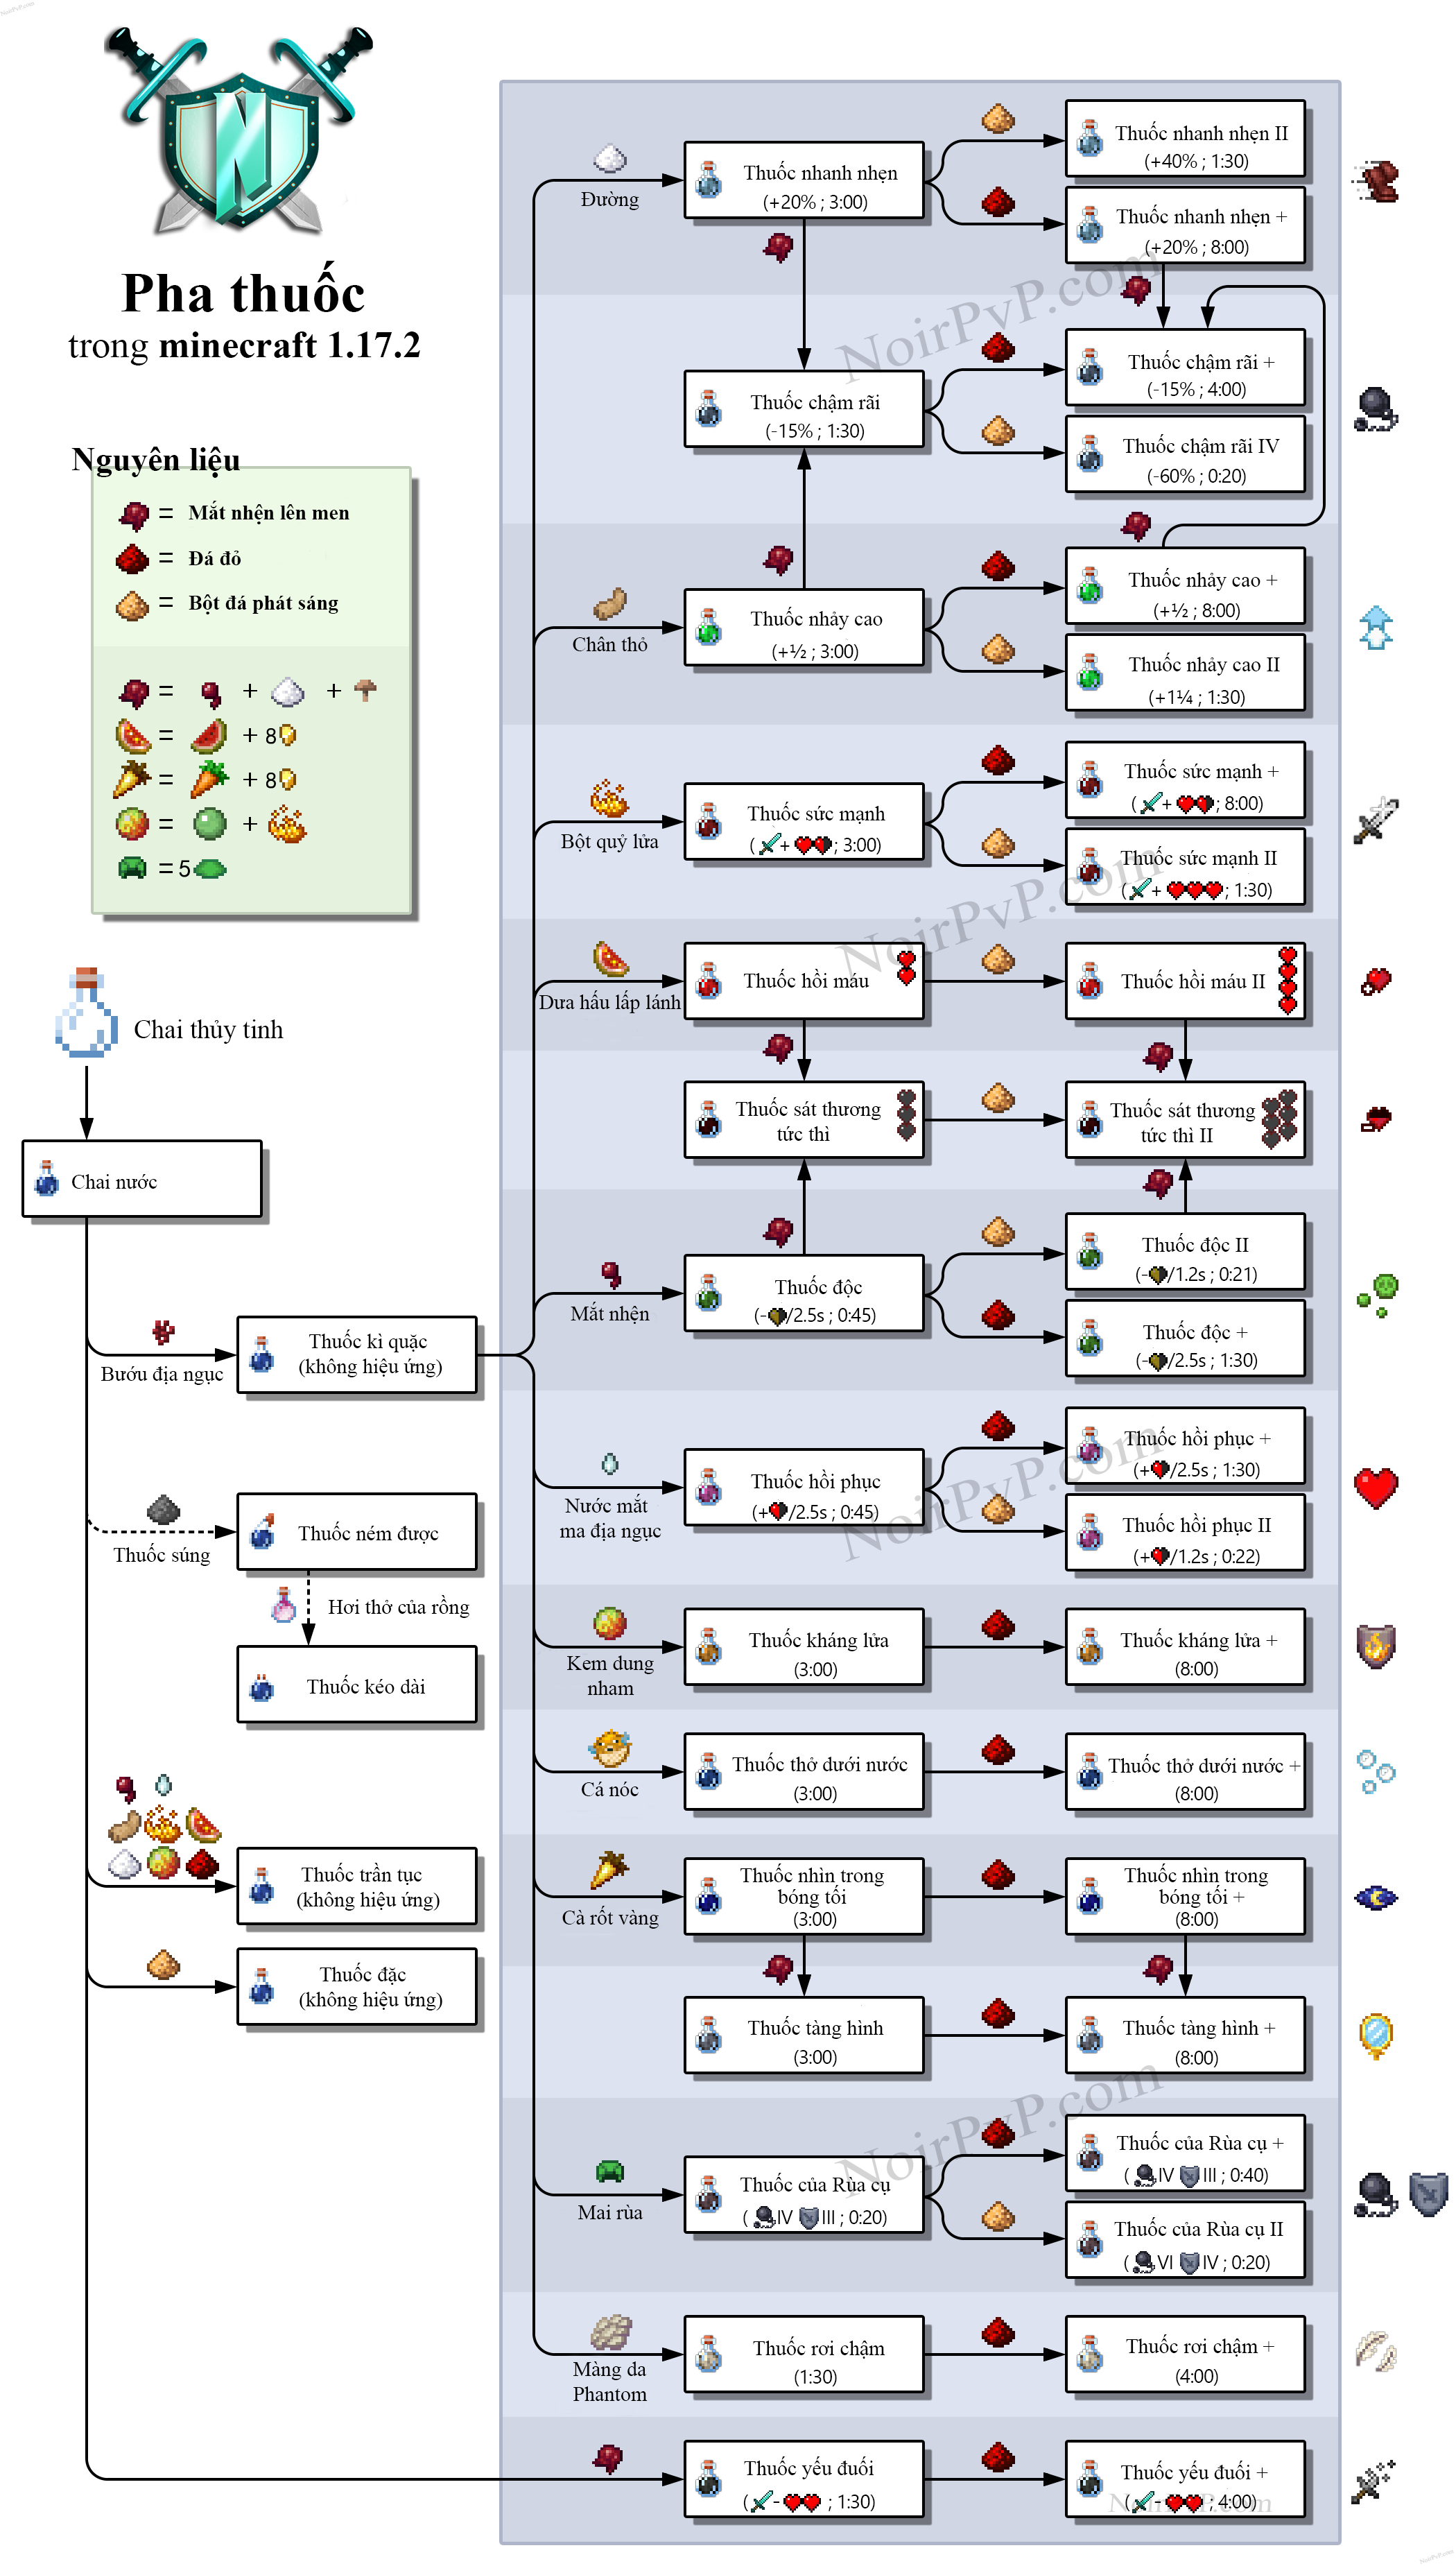 Bảng tổng hợp cách pha chế thuốc trong Minecraft 1.17.2